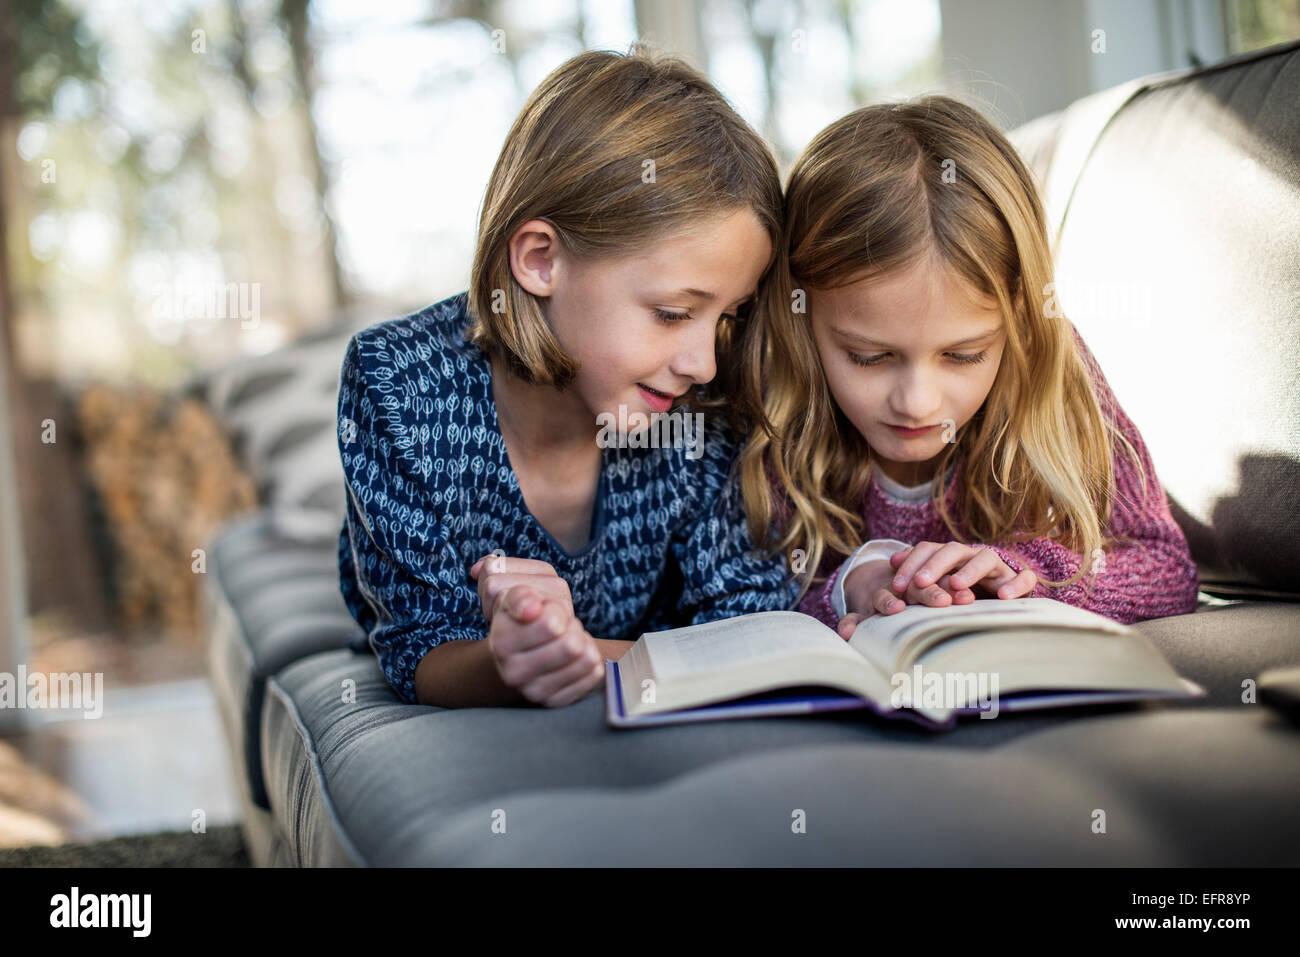 Zwei blonde Mädchen auf einem Sofa liegend ein Buch betrachten. Stockbild